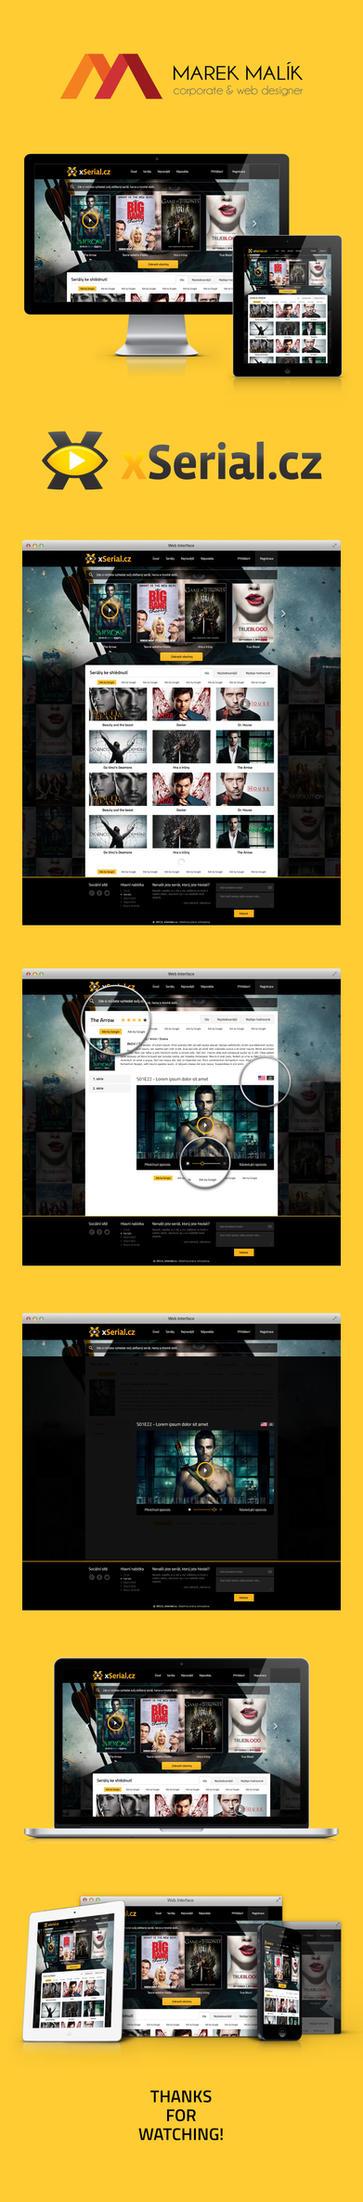 xSerial.cz - Watch Online TV Shows by xmalik2